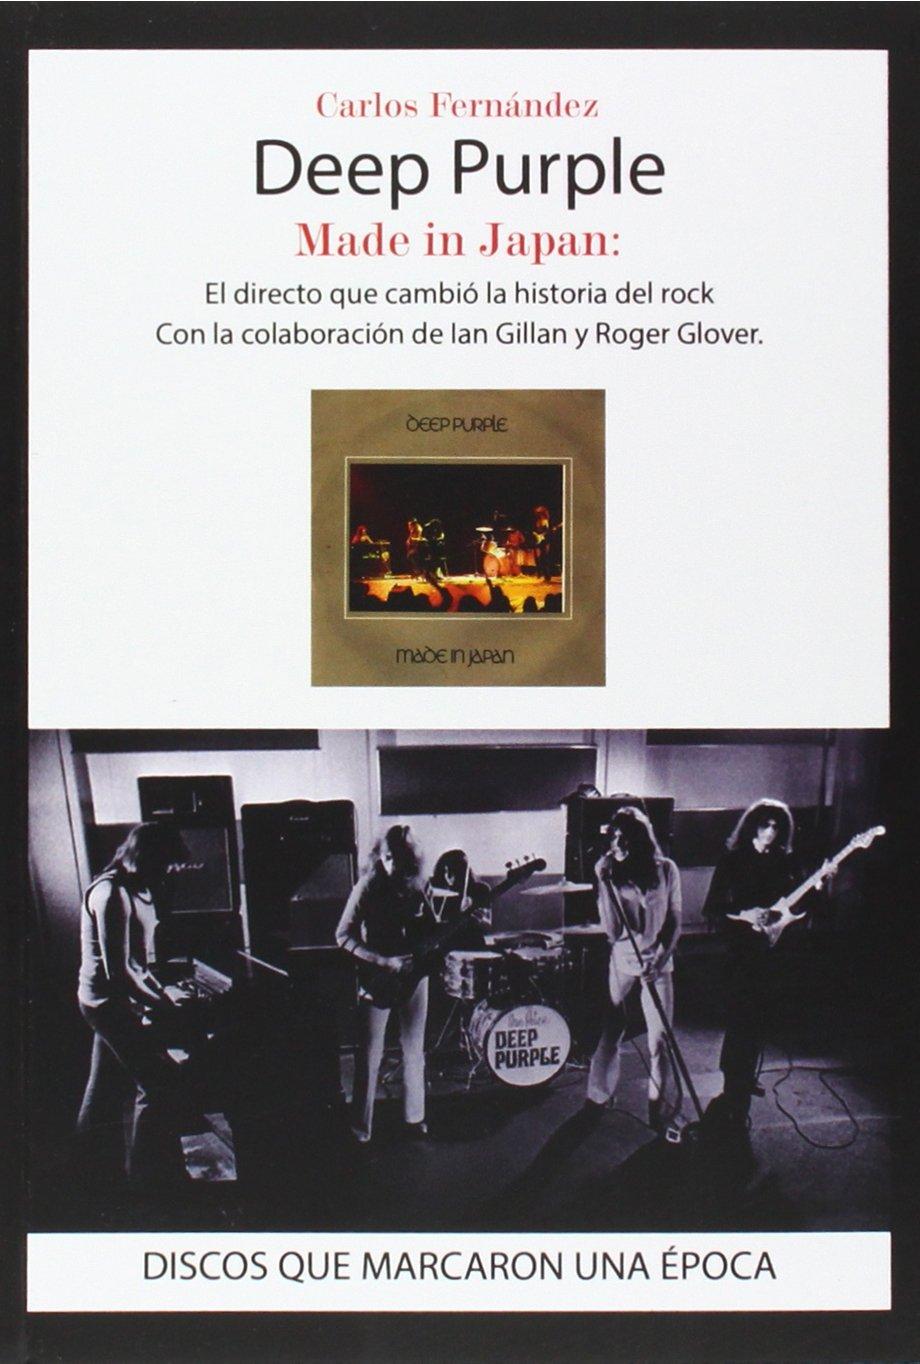 Read Online DEEP PURPLE MADE IN JAPAN (EL DIRECTO QUE CAMBIO LA HISTORIA DEL ROCK) pdf